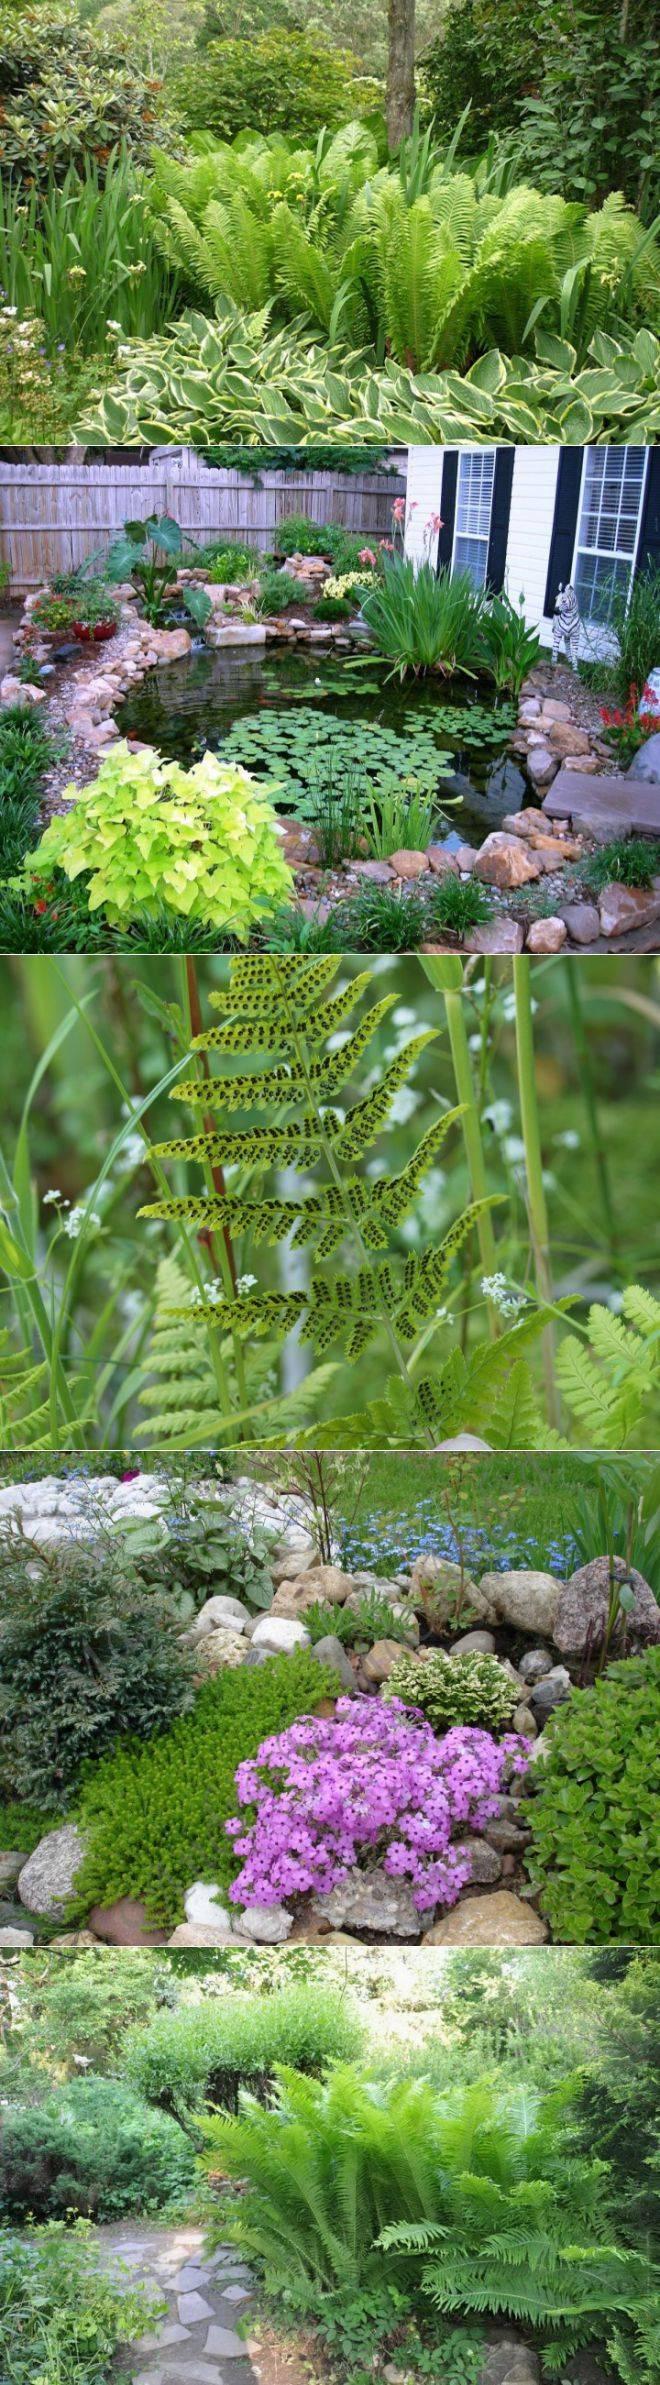 Как вырастить чудесный папоротник в собственном саду?